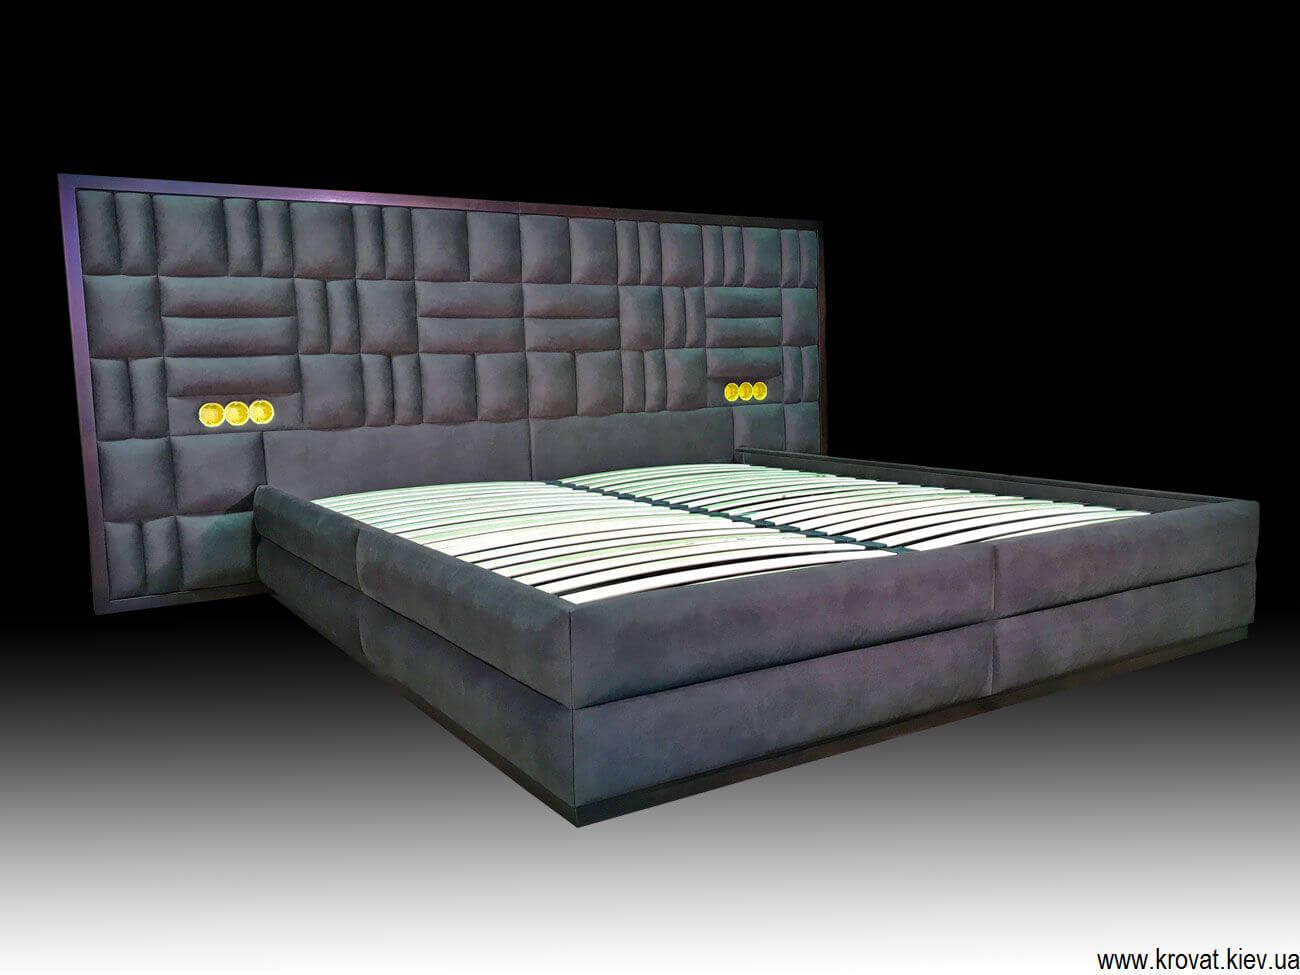 Двуспальная кровать с ящиком своими руками